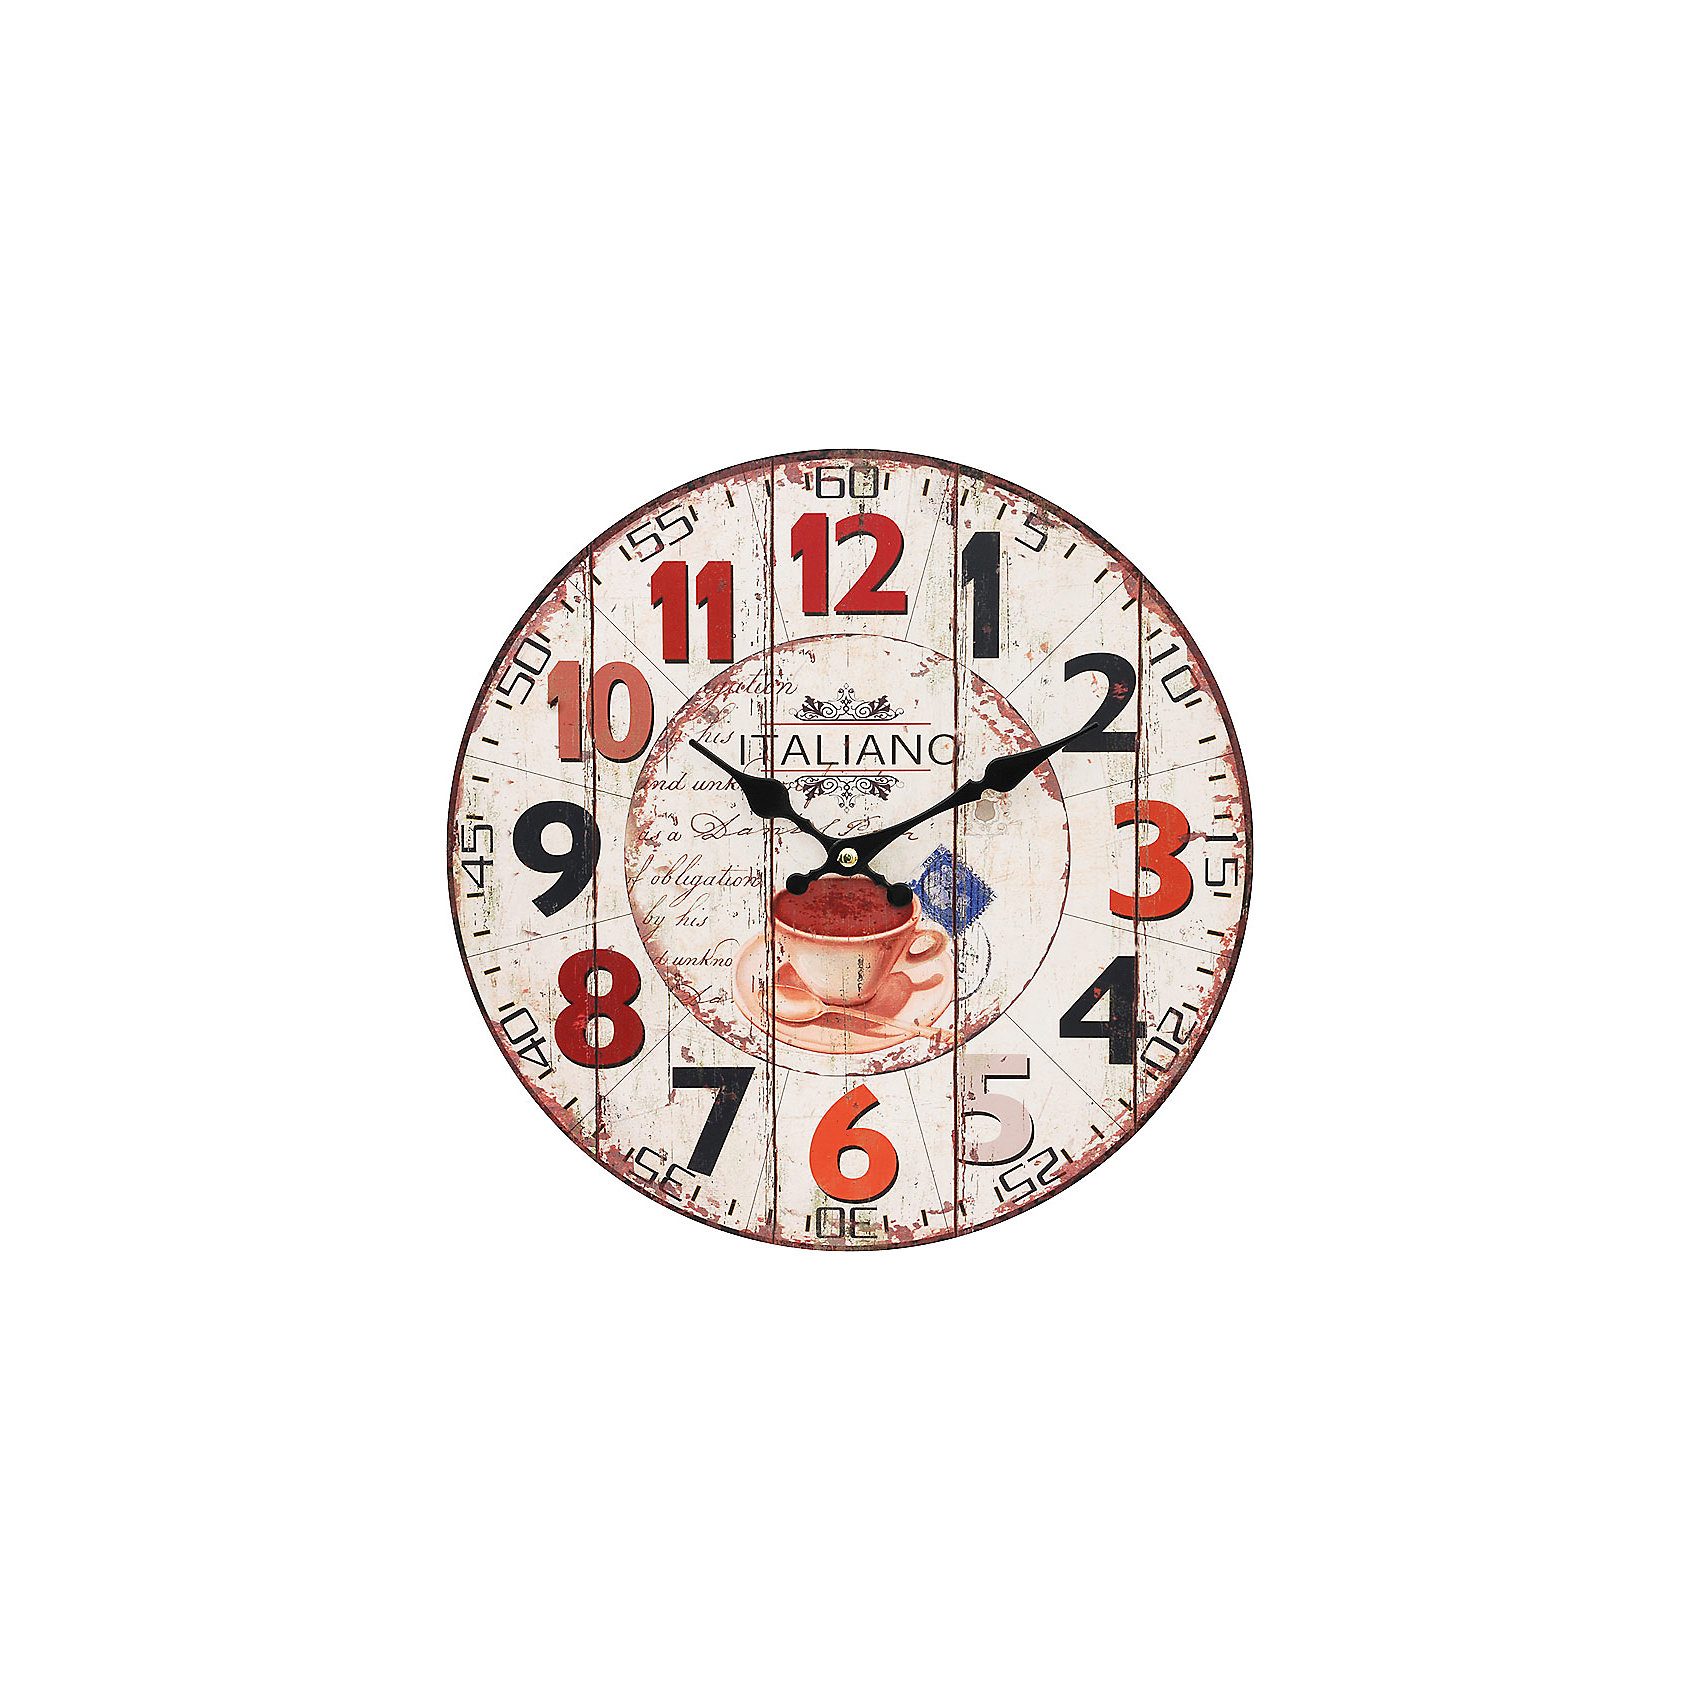 Часы настенные Кофе из Италии, диаметр 34 смЧасы<br><br>Ширина мм: 345<br>Глубина мм: 340<br>Высота мм: 45<br>Вес г: 2500<br>Возраст от месяцев: 72<br>Возраст до месяцев: 144<br>Пол: Унисекс<br>Возраст: Детский<br>SKU: 5089821